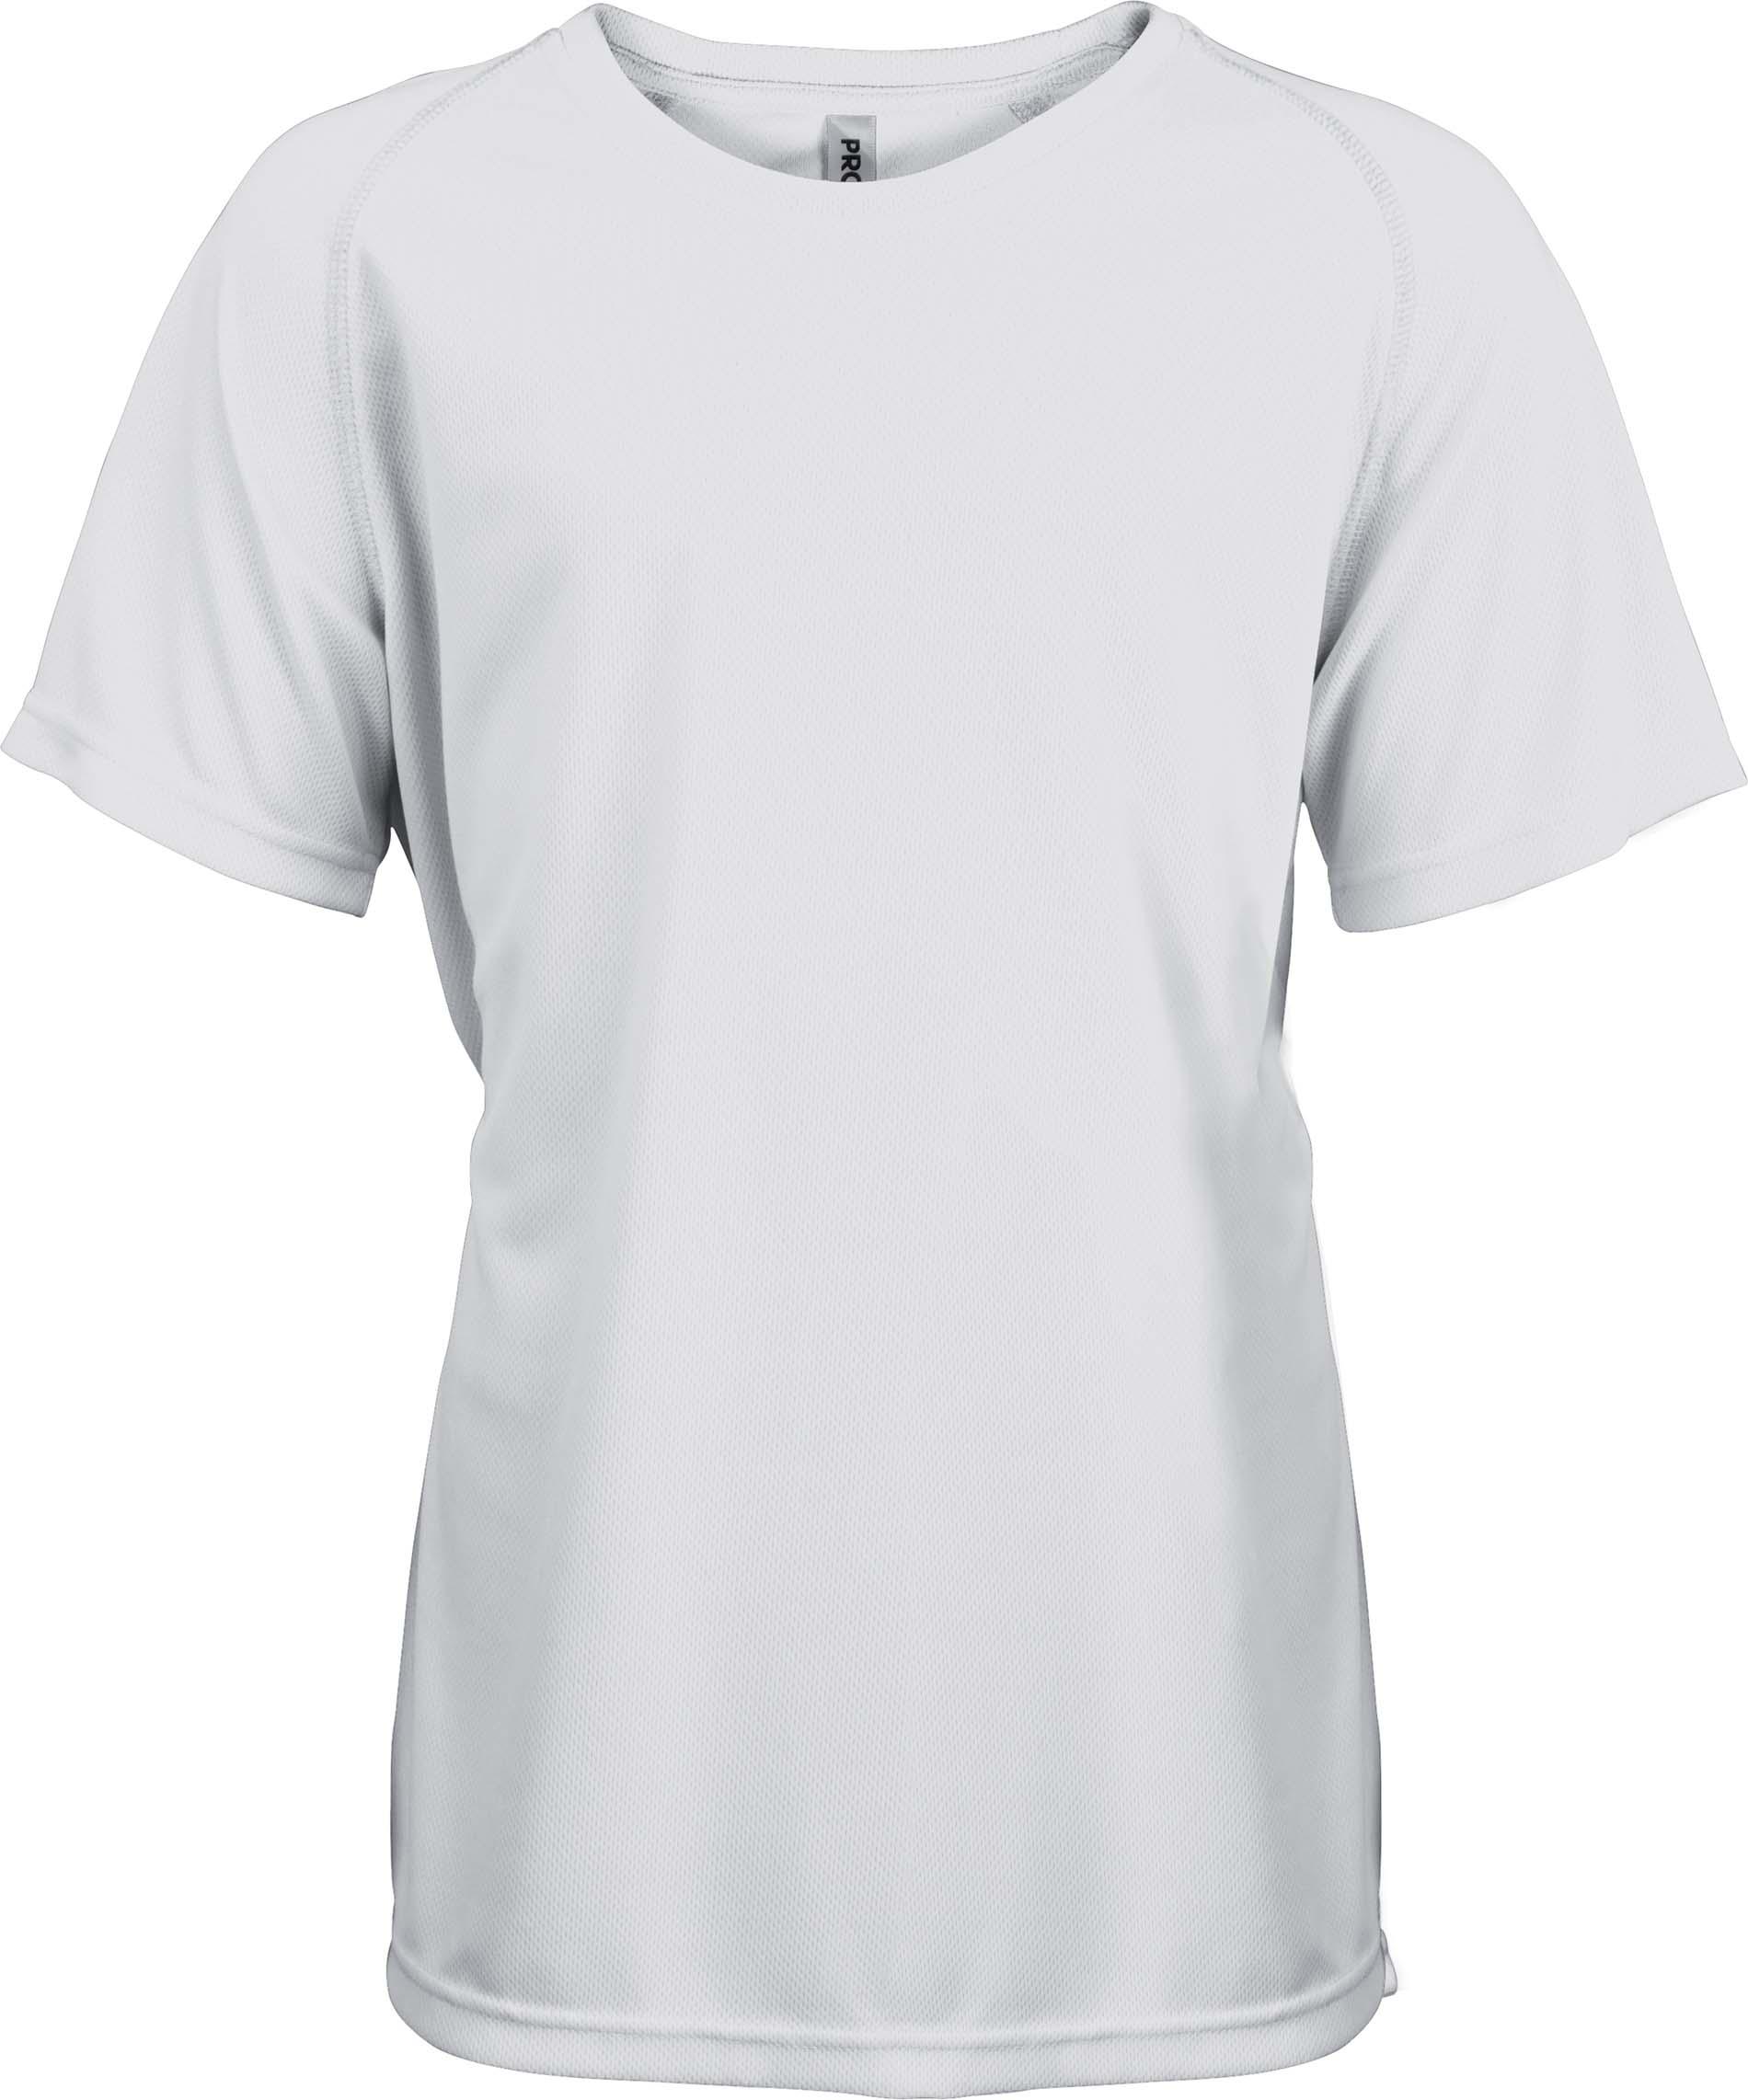 Lasten Proact T-paita PA445 Valkoinen